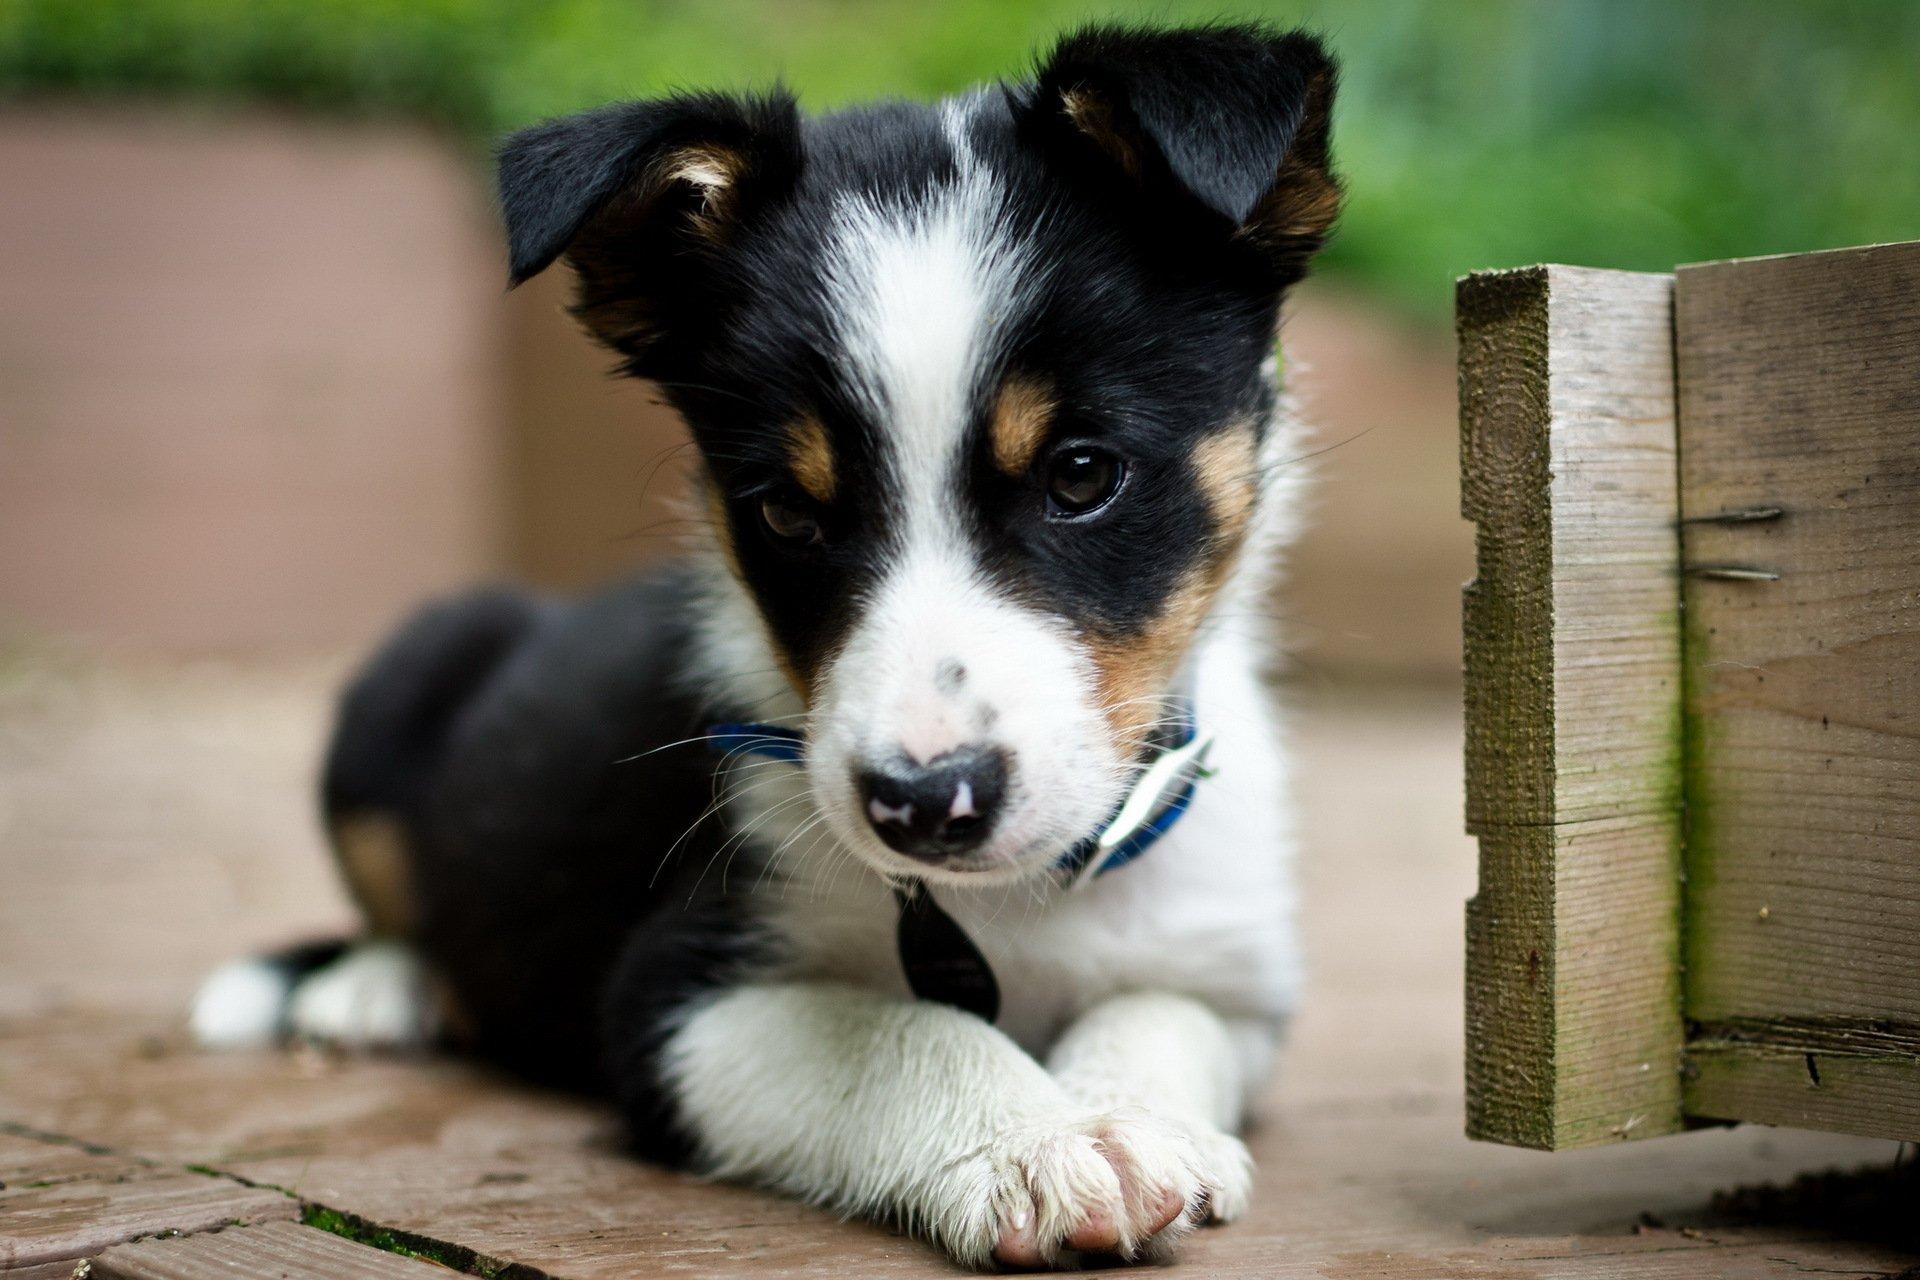 запросу картинки симпатичного щенка сообщил источник